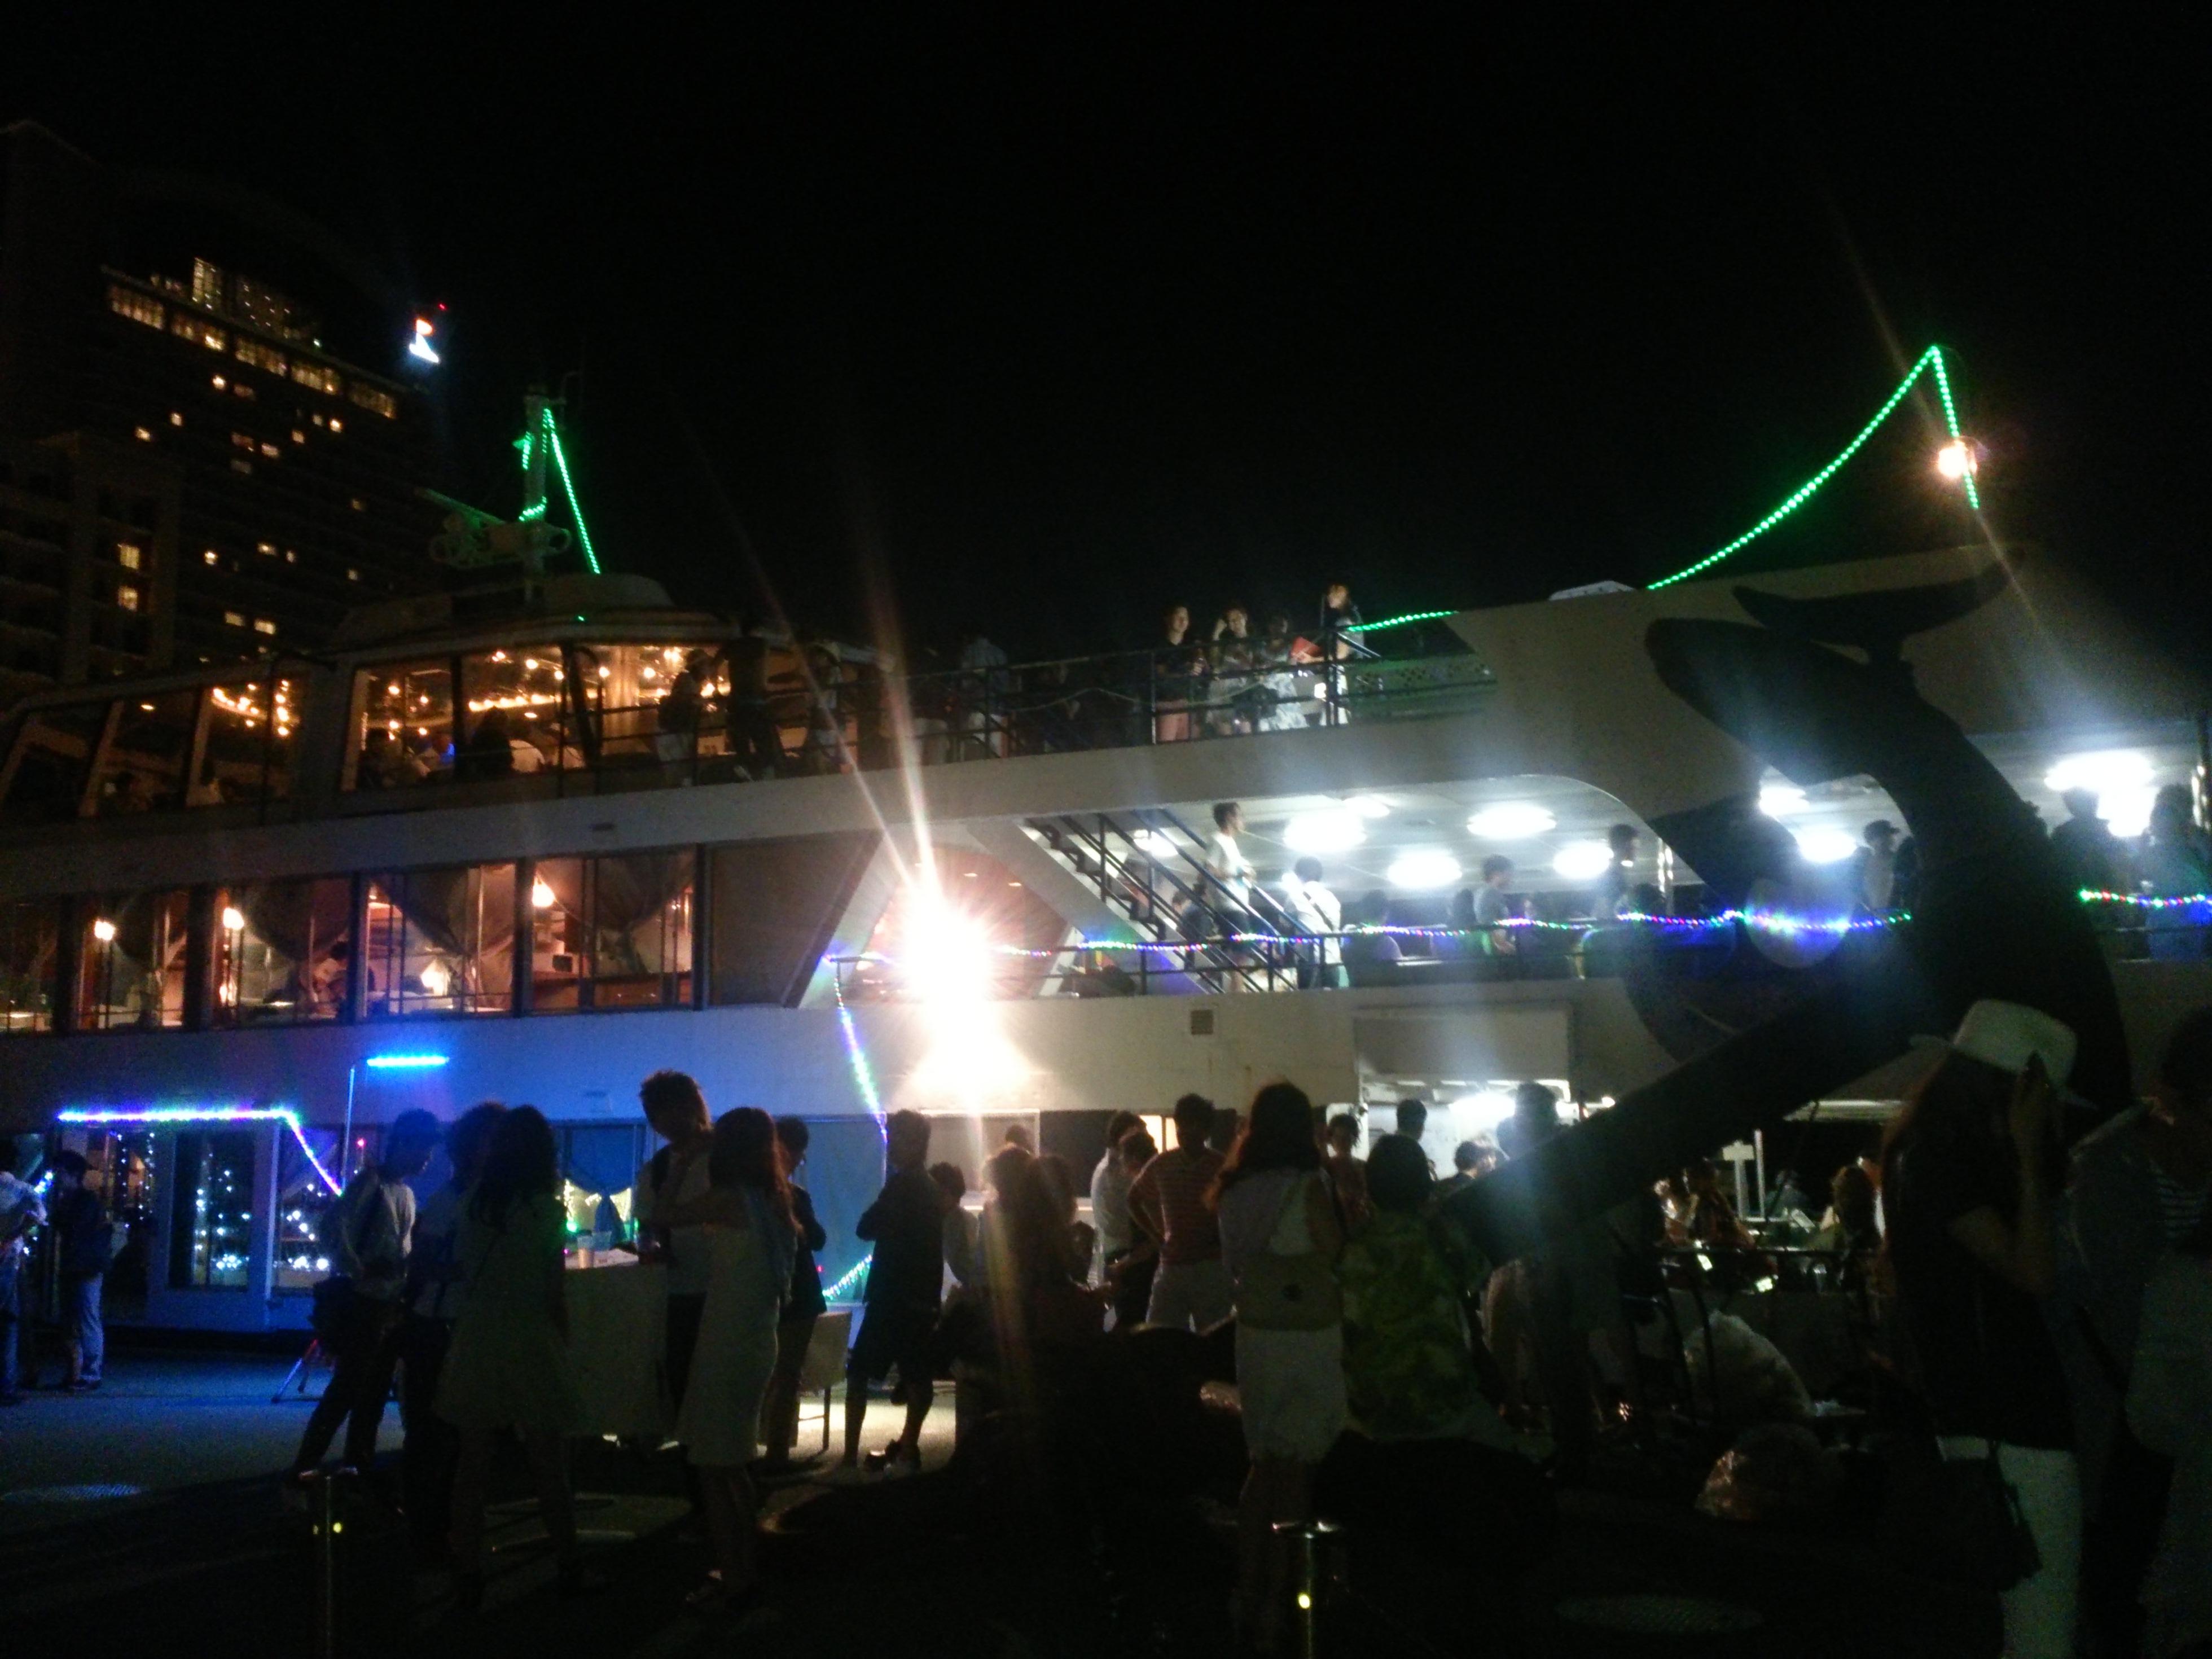 『注目イベント』大阪300名船上パーティーレポート♪街コンから進化した船コンへ